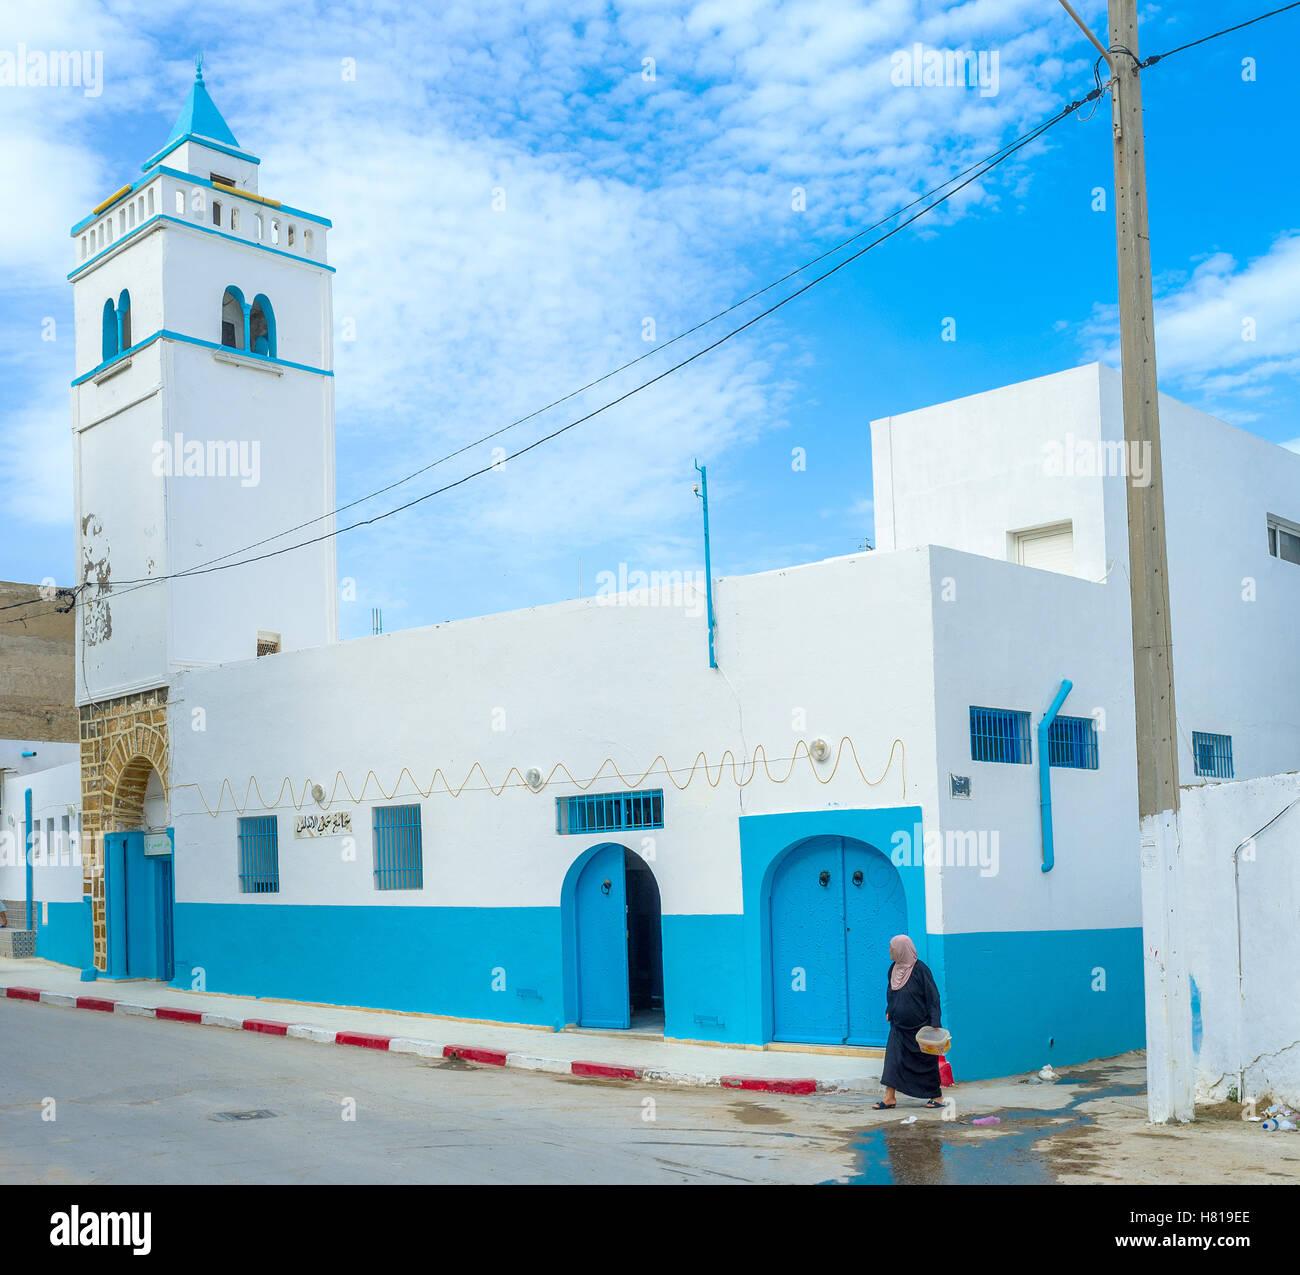 El edificio blanco-azul de la Mezquita andaluz situado en el barrio del mismo nombre junto al cementerio viejo Imagen De Stock